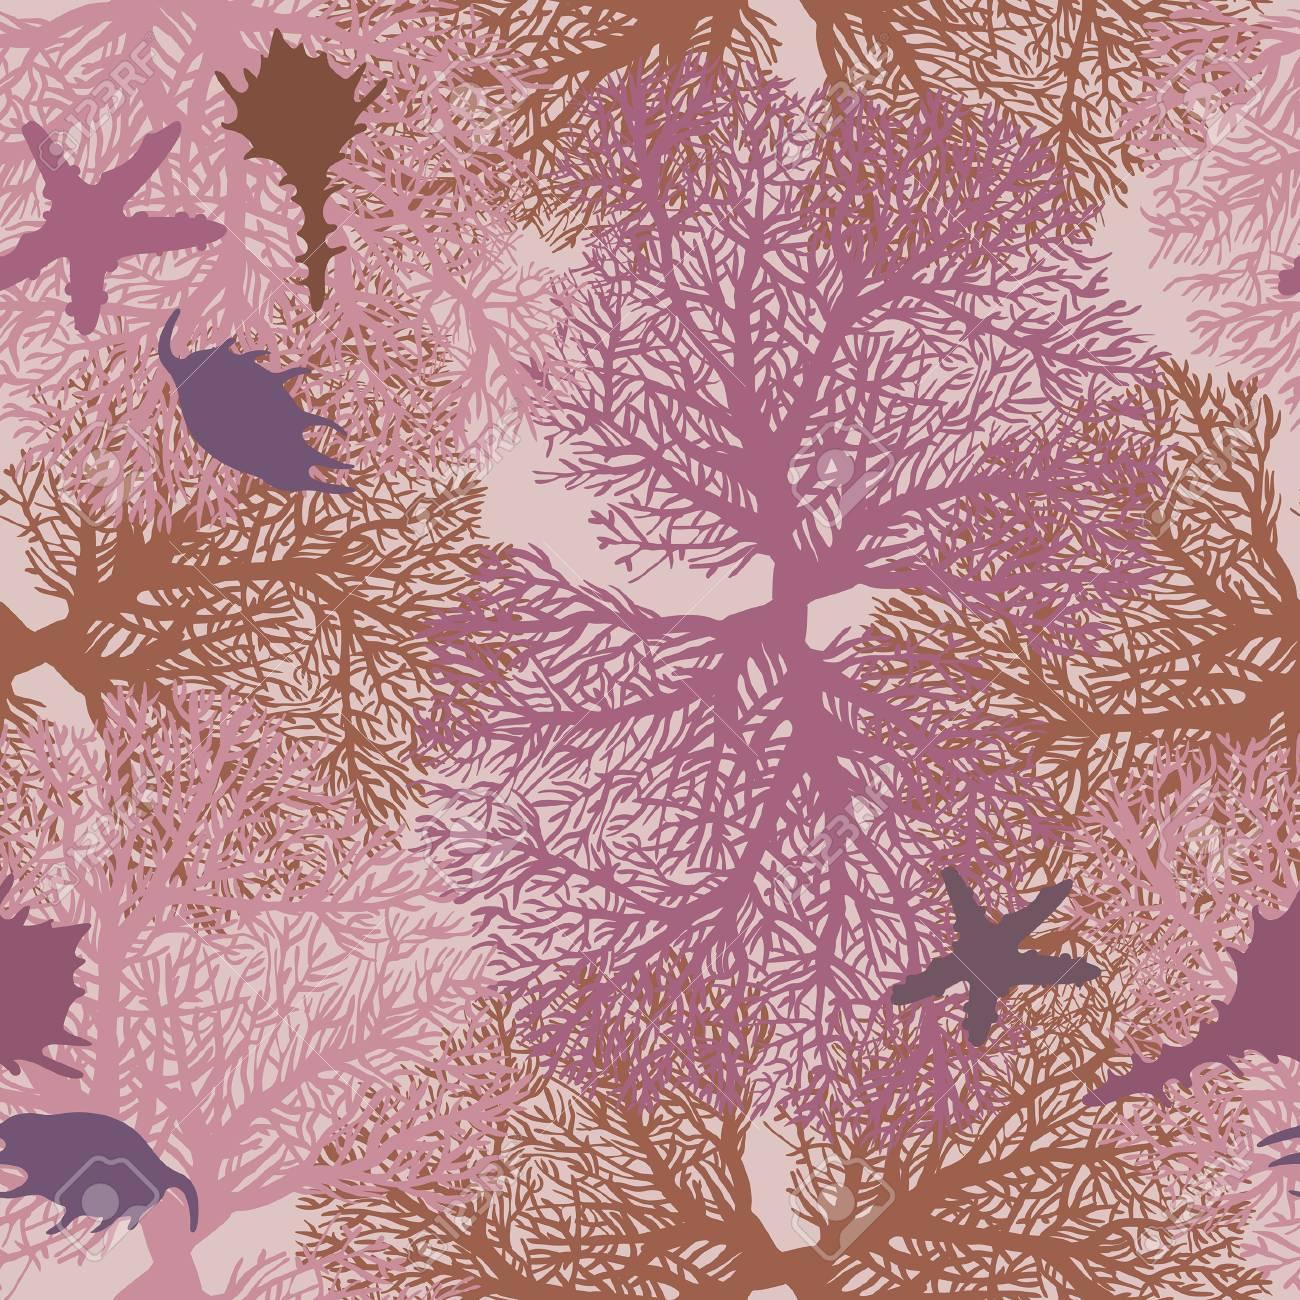 サンゴ ヒトデと貝殻のシームレスなパターン 水中の海の壁紙 のイラスト素材 ベクタ Image